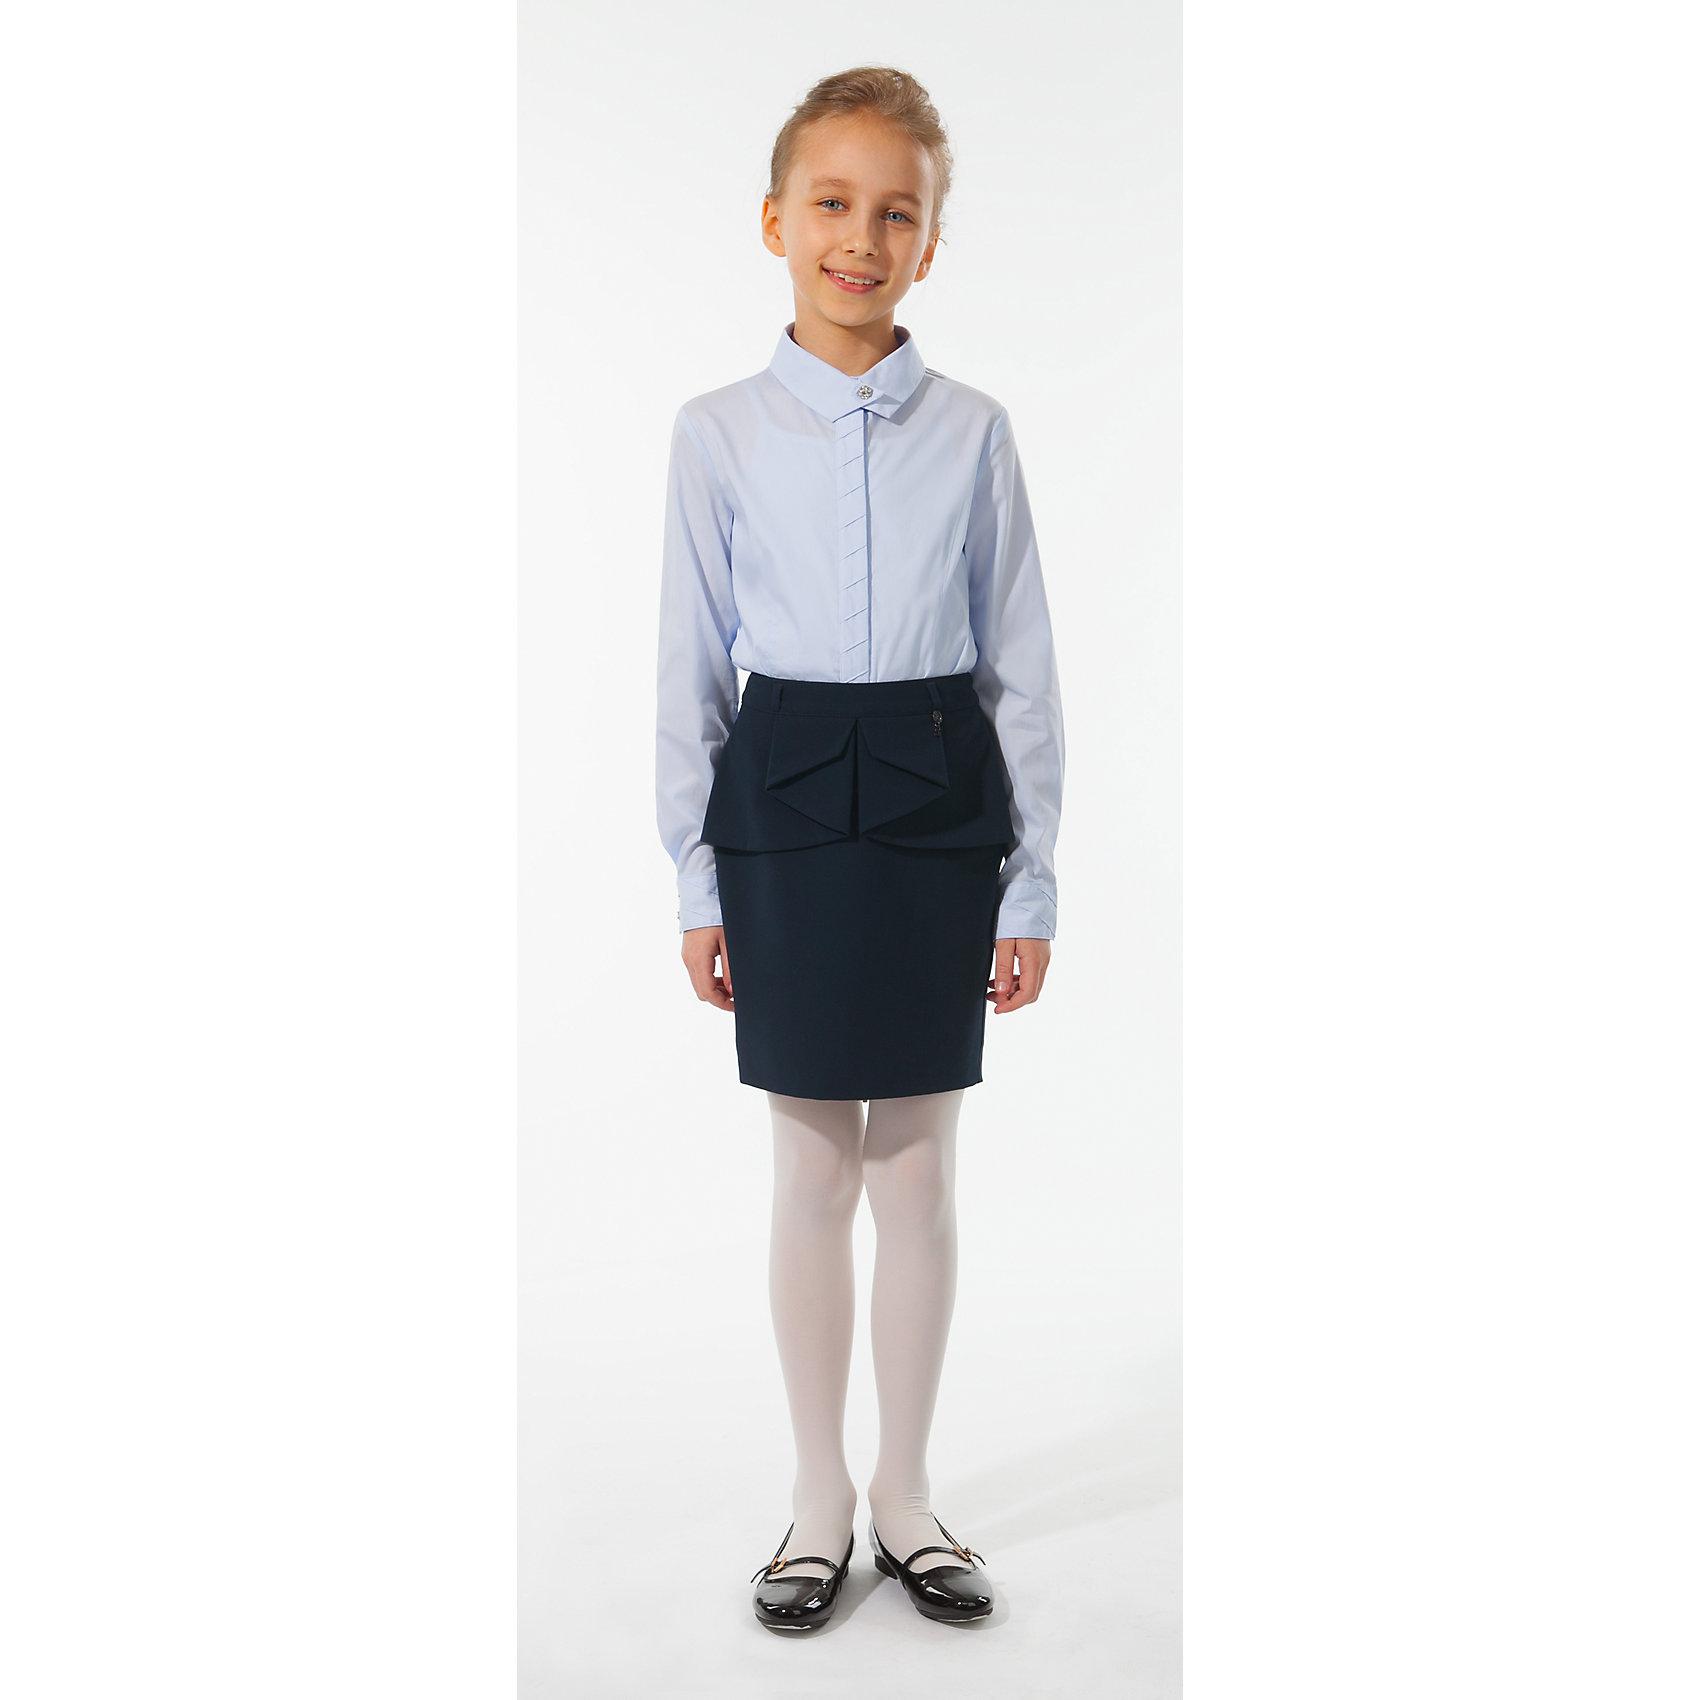 Юбка Silver SpoonЮбка Silver Spoon (Сильвер Спун) - идеальная модель для школьных занятий. Стильная юбка обязательно понравятся маленькой моднице и позволит чувствовать себя комфортно на протяжении всего дня. Модель очень мягкая и приятная на ощупь, не сковывает движений и не раздражает кожу.<br>Юбка имеет прямой силуэт, украшена волнообразной пелеринкой вокруг талии. Застежка на молнии сзади, есть шлевки для ремня. Классический покрой позволяет использовать юбку в различных сочетаниях - с блузкой, пиджаками и другими предметами школьного гардероба. Все модели Сильвер Спун предназначены для повседневного интенсивного использования и выполнены из прочных тканей, которые позволяют вещам выглядеть великолепно на протяжении длительного срока эксплуатации. Рекомендуется ручная стирка, гладить при низкой температуре.<br><br>Дополнительная информация:<br><br>- Цвет: темно-синий.<br>- Материал: 63% полиэстер, 32% вискоза, 5% спандекс.<br> <br>Юбку, Silver Spoon (Сильвер Спун), можно купить в нашем интернет-магазине.<br><br>Ширина мм: 207<br>Глубина мм: 10<br>Высота мм: 189<br>Вес г: 183<br>Цвет: разноцветный<br>Возраст от месяцев: 132<br>Возраст до месяцев: 144<br>Пол: Женский<br>Возраст: Детский<br>Размер: 152,140,164,158,146,134,128<br>SKU: 4146252